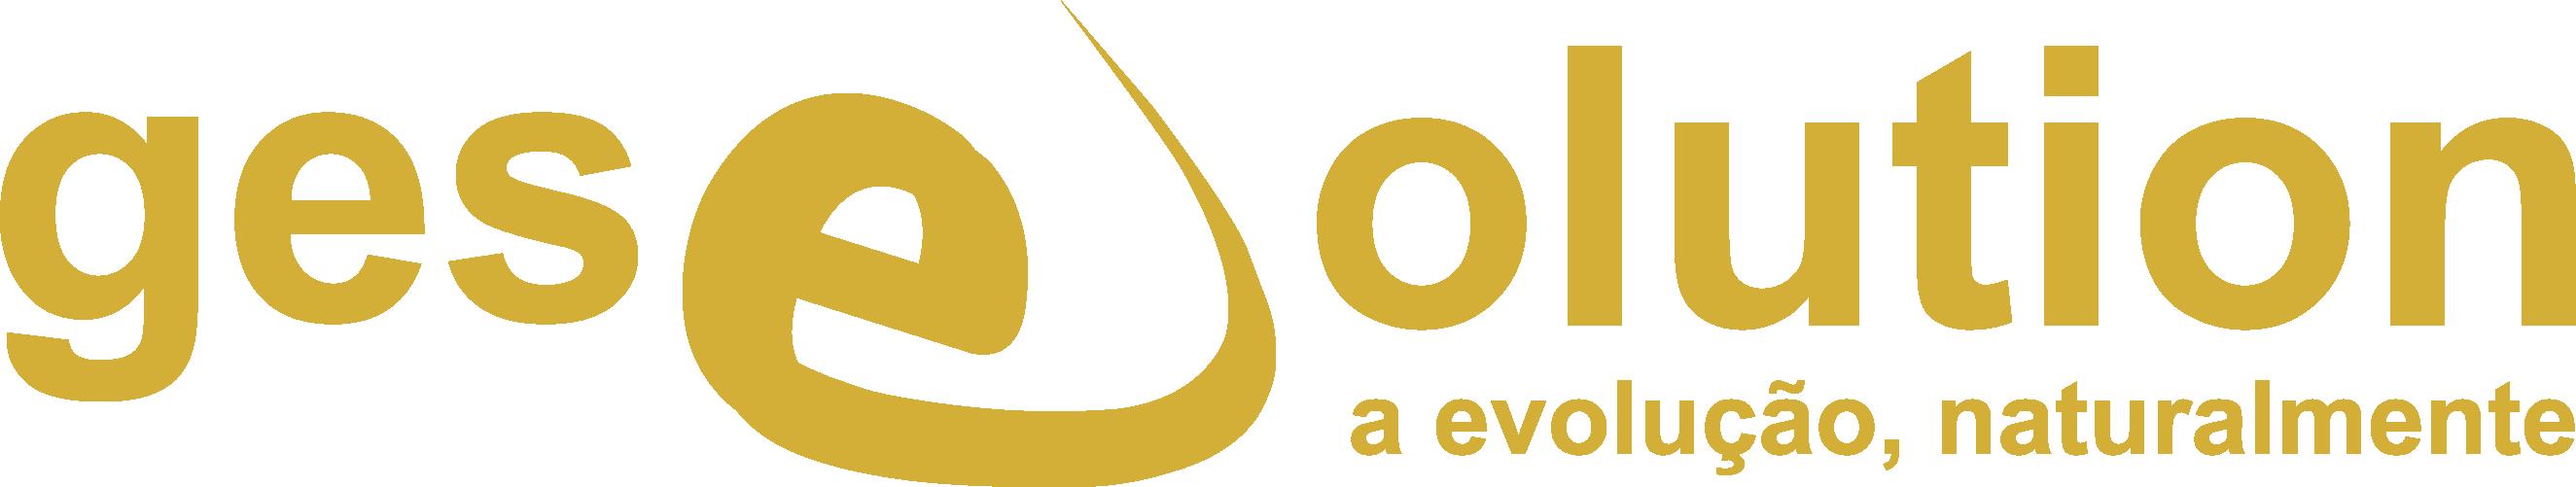 Logo GesEvolution